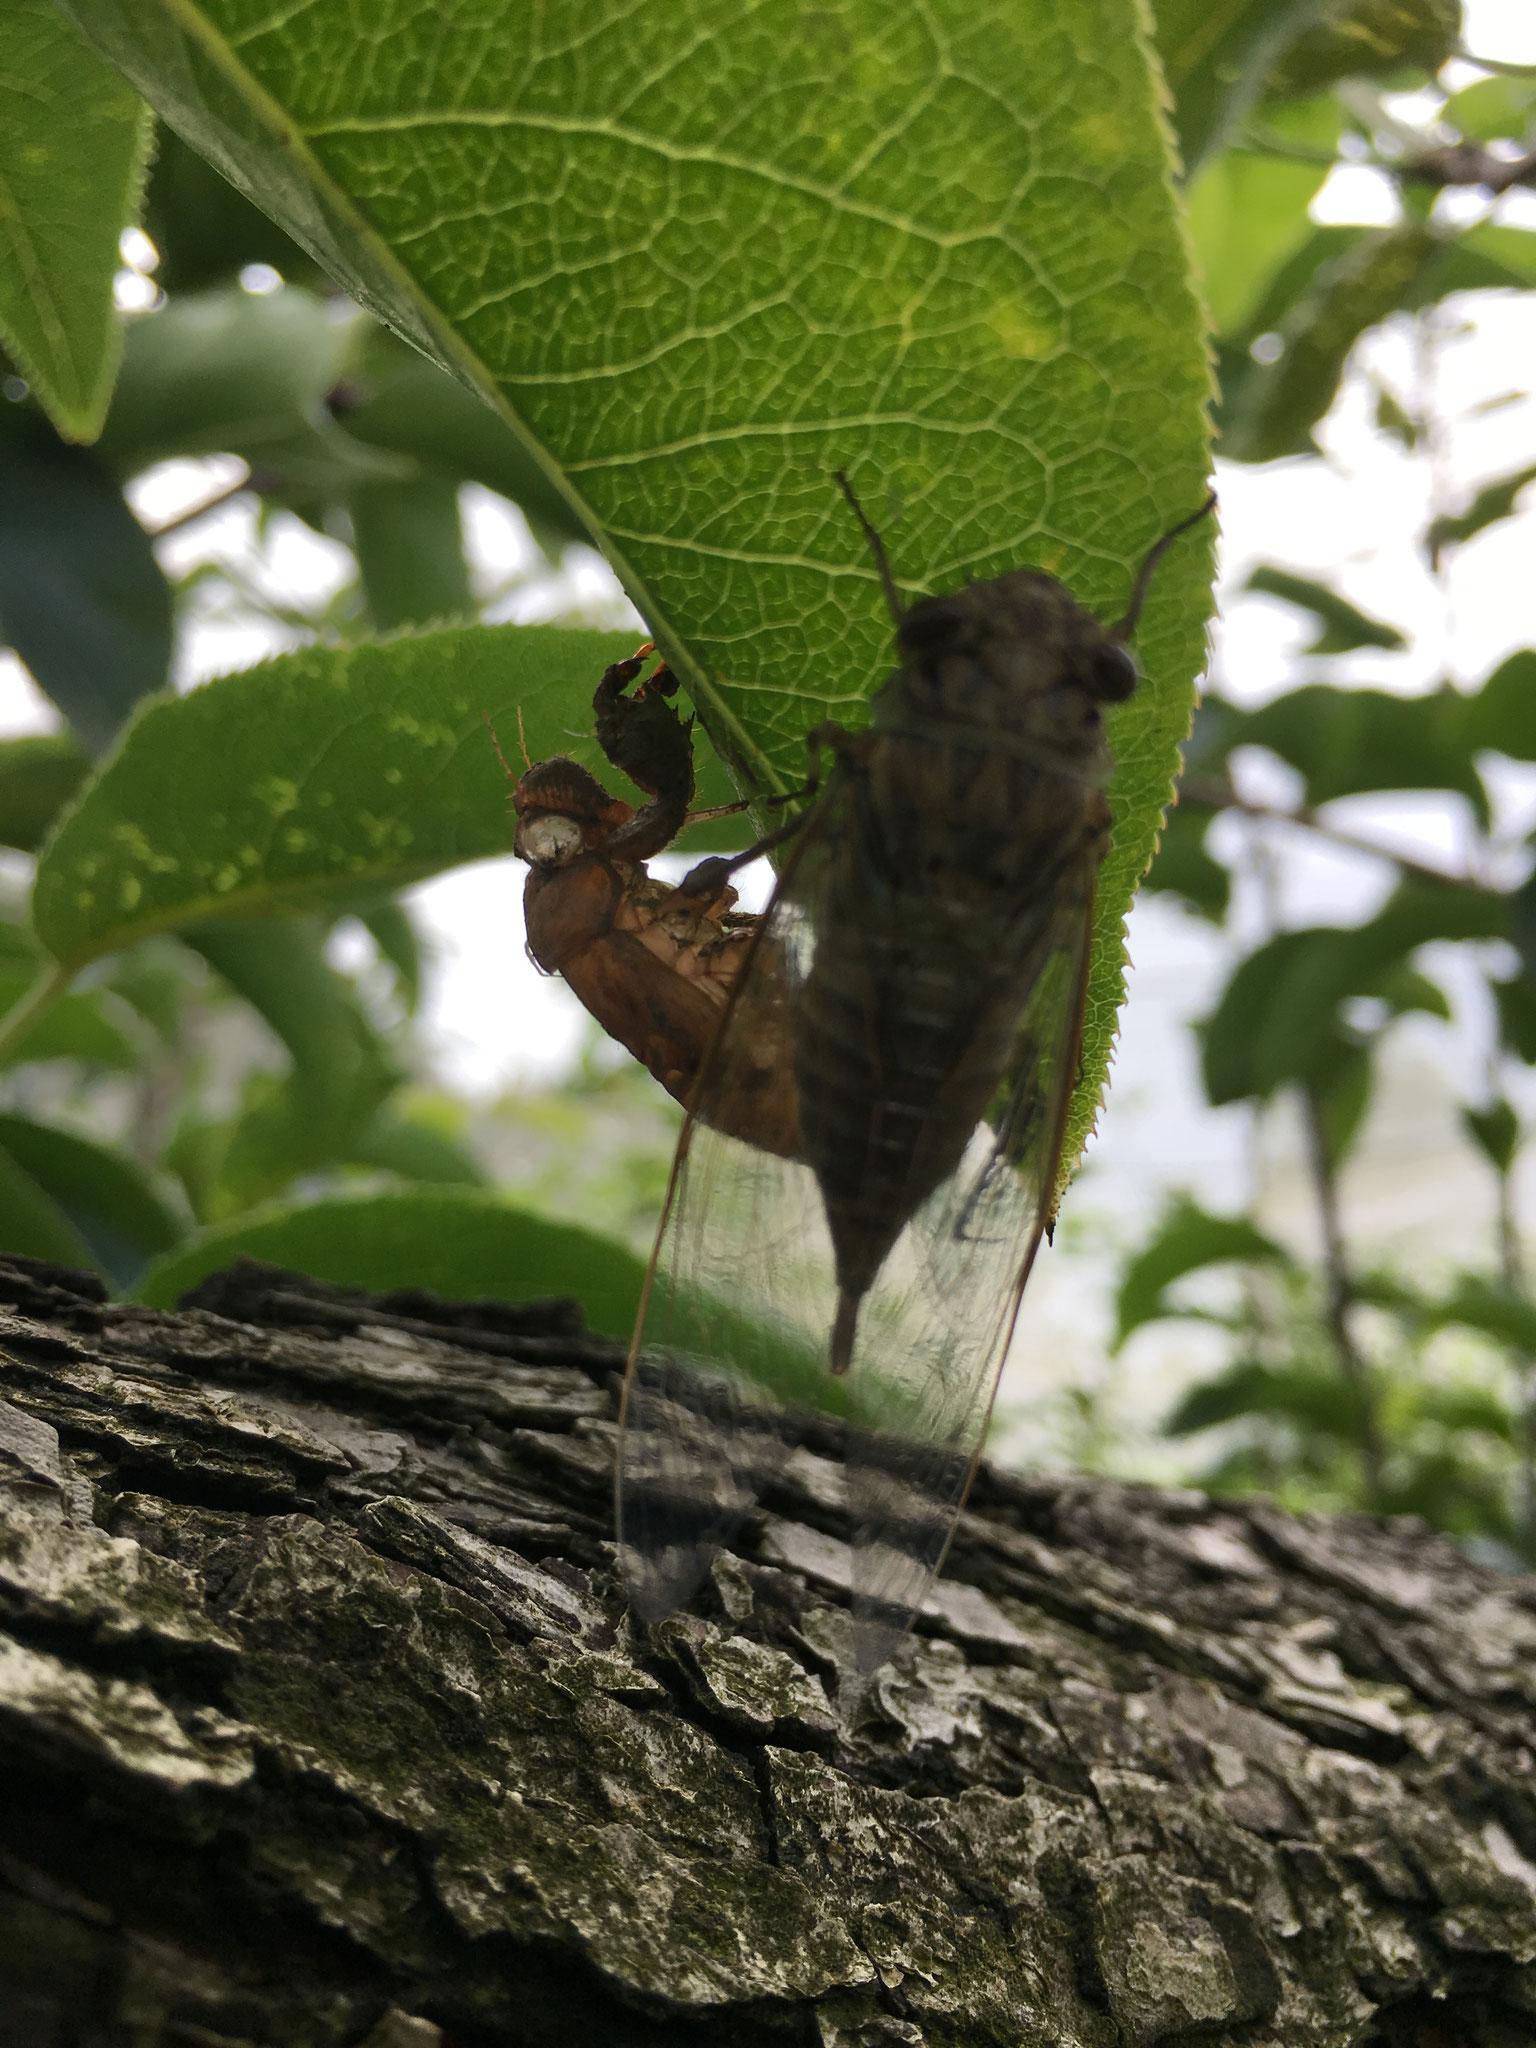 蝉の羽化。この辺はアブラゼミとツクツクボウシが多いです。